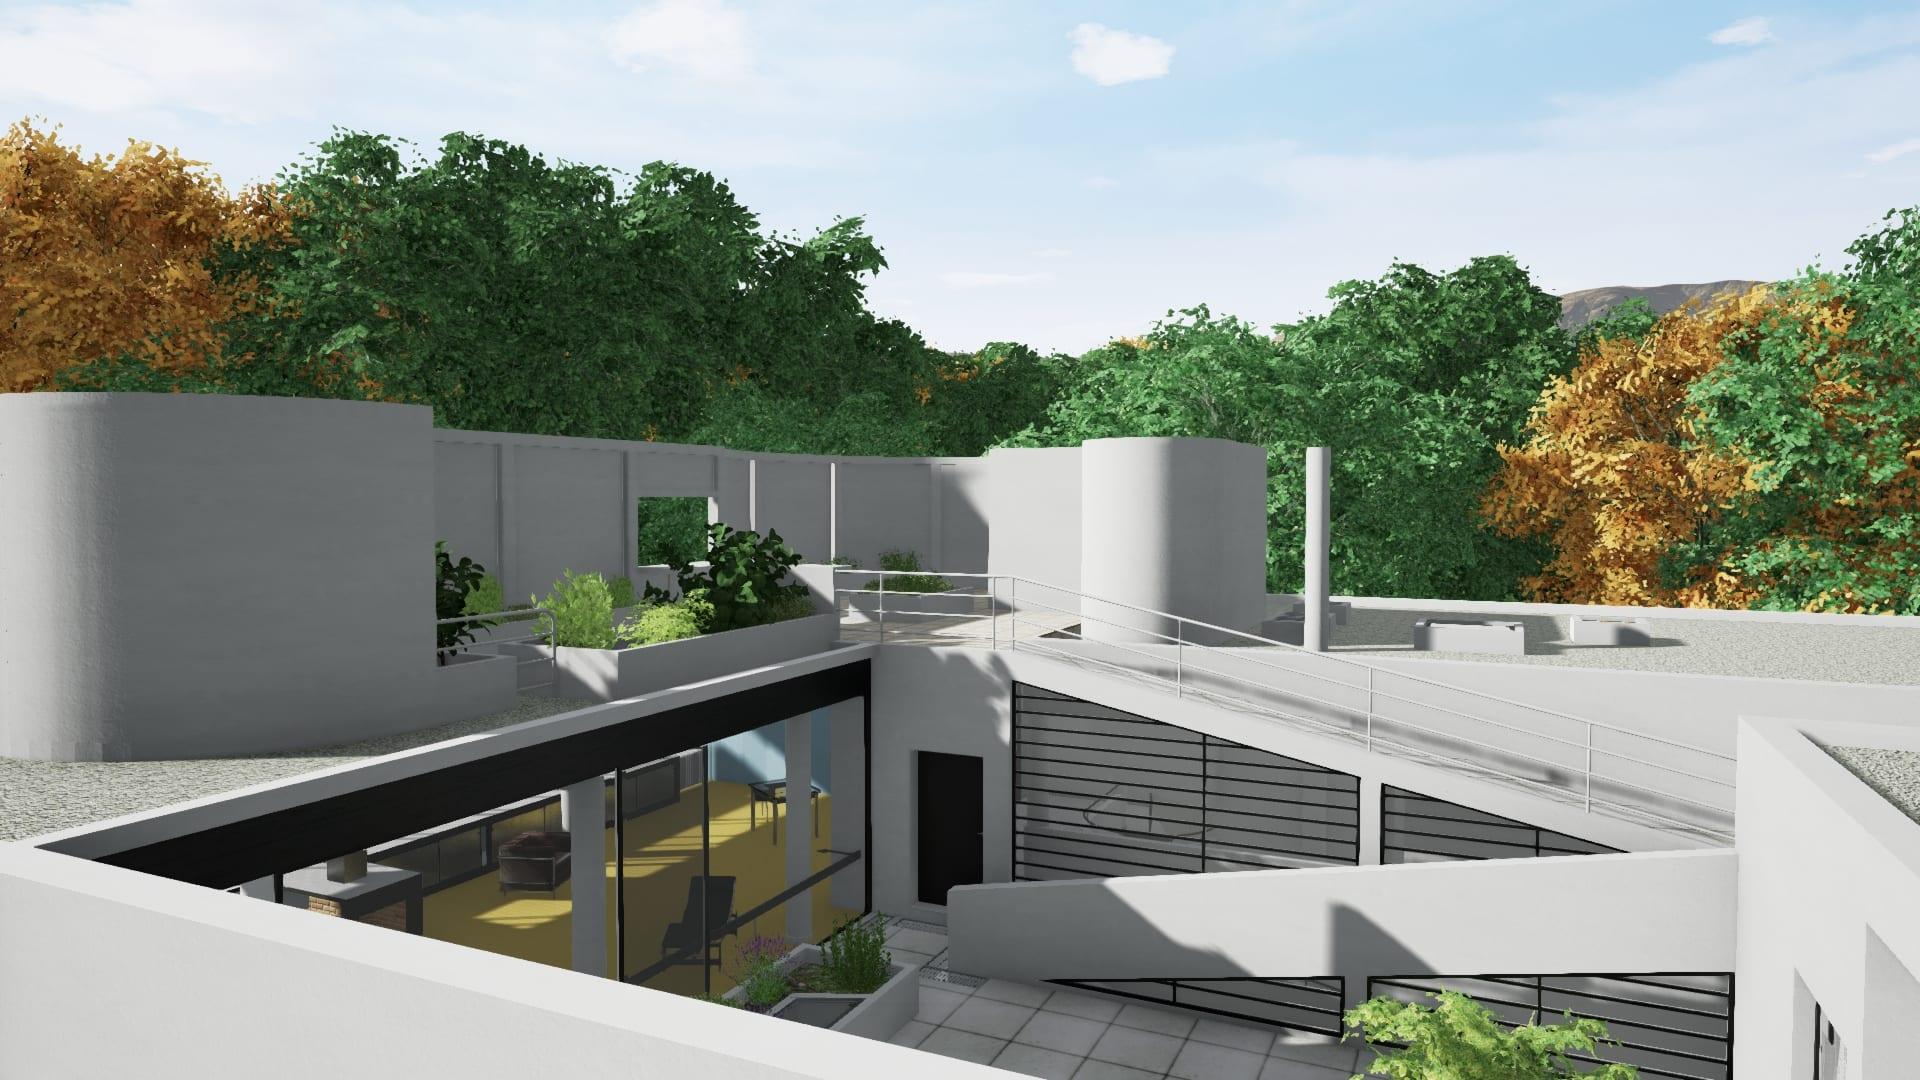 Villa savoye progettata con un software bim parte 3 for Software progettazione esterni